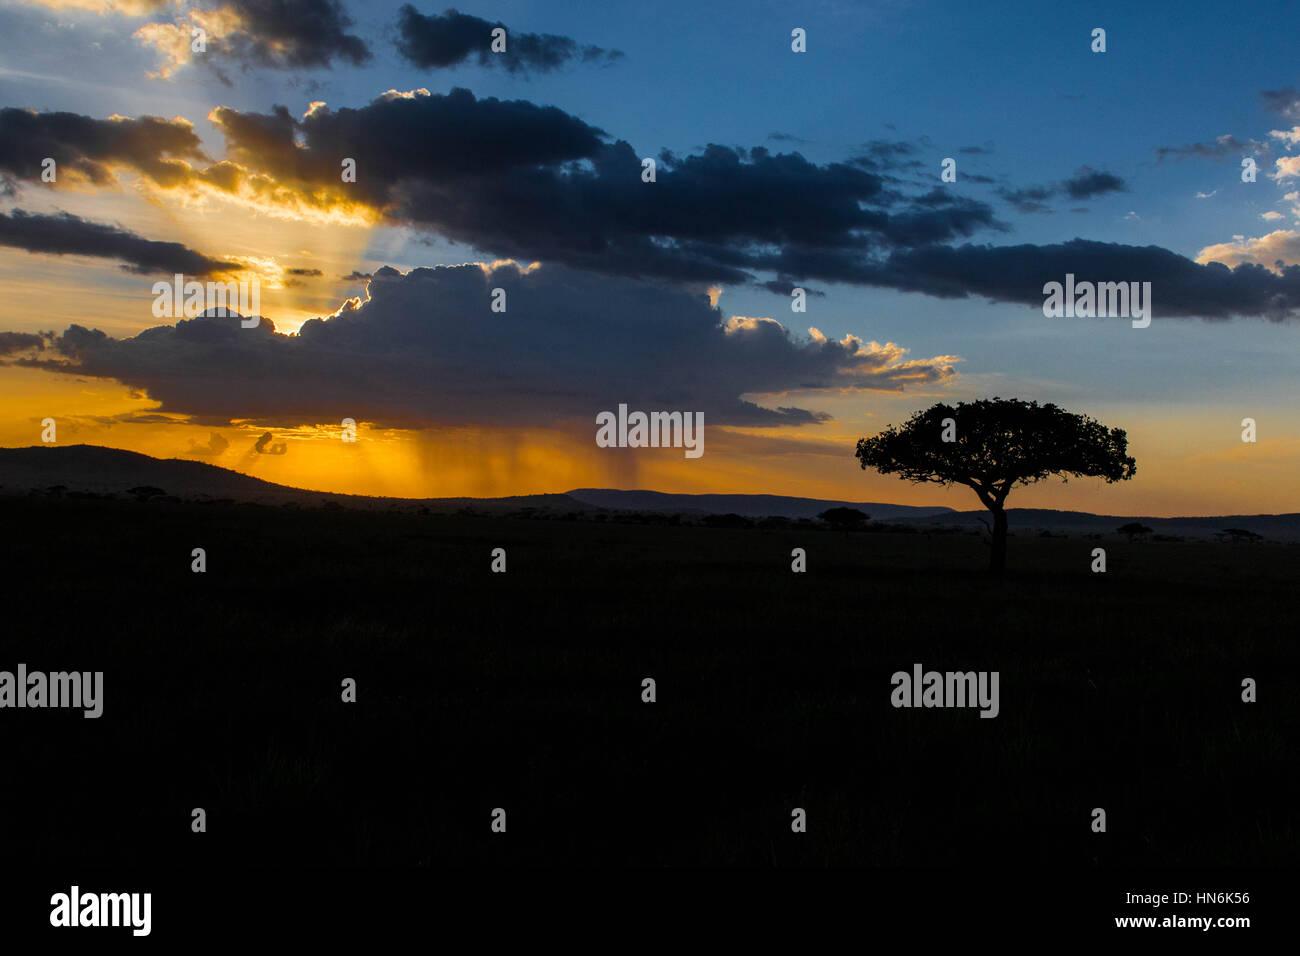 La silhouette des arbres SERENGETI avec coucher de soleil africain dans le Serengeti National Park, Tanzania, Africa Photo Stock